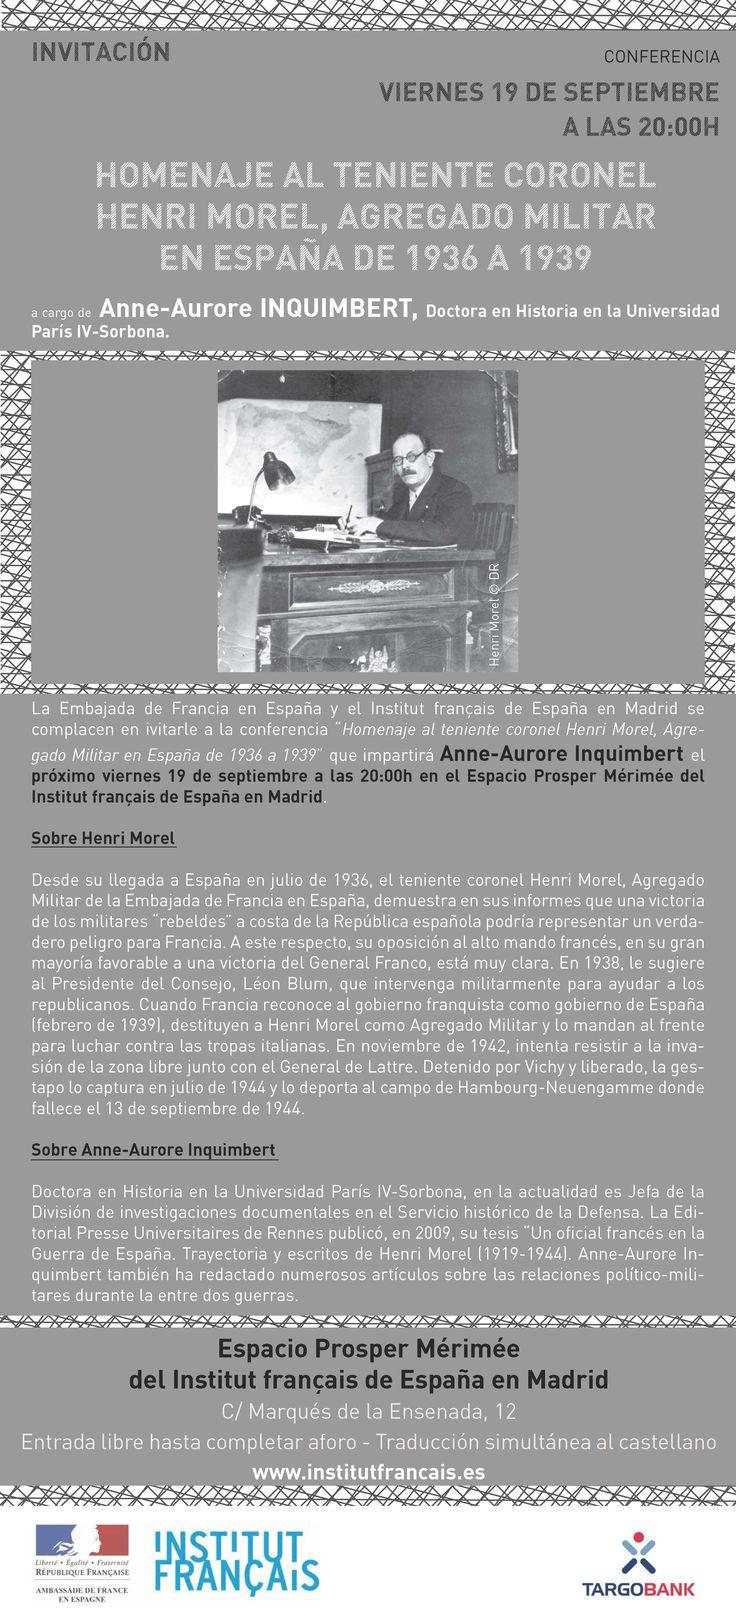 CONFERENCIA - Homenaje al Teniente Coronel Henri Morel el Viernes 19/09 a las 20hs en el IFM.